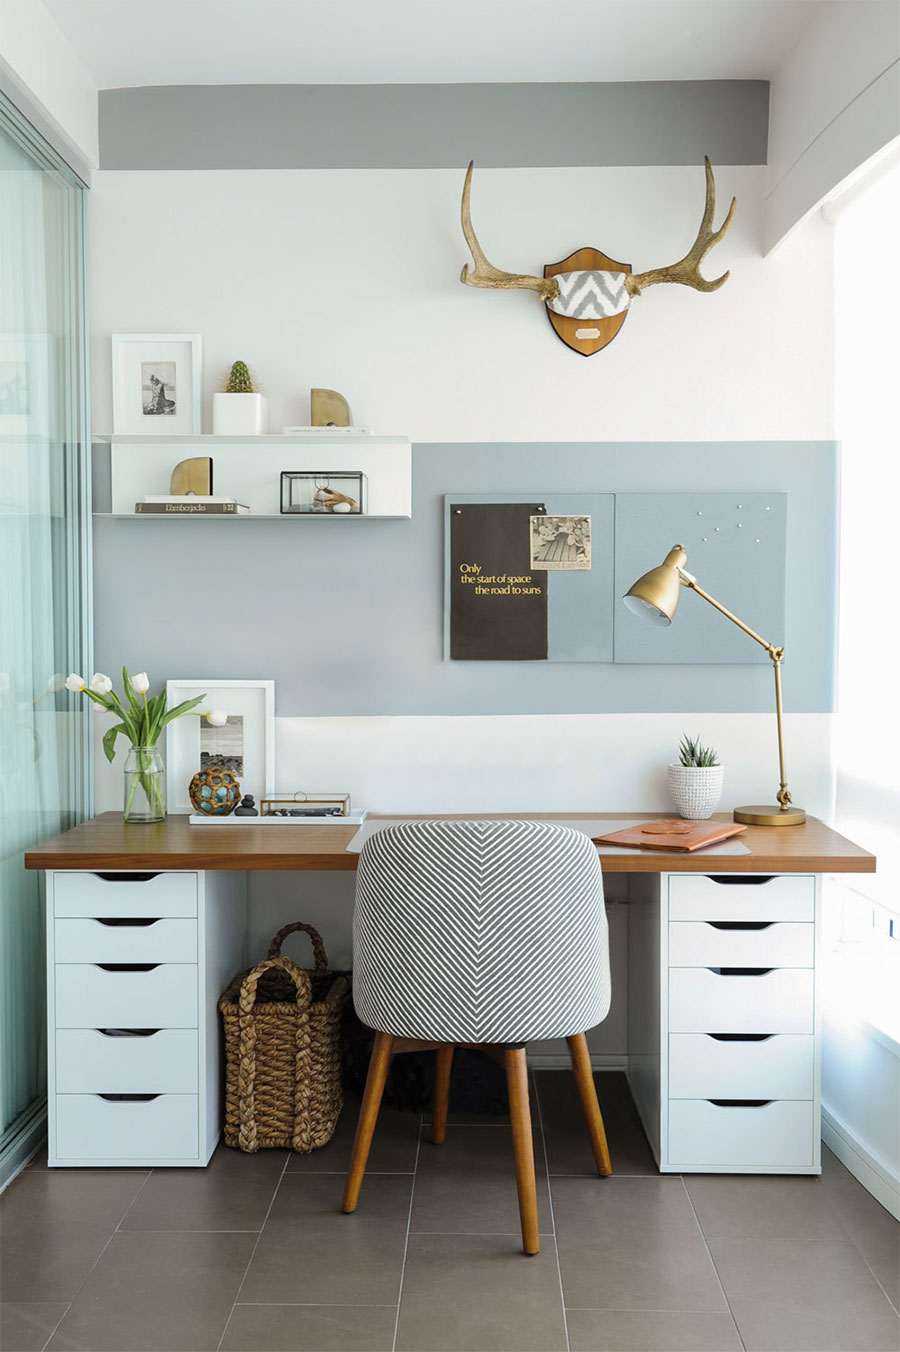 Deco Espacios De Trabajo A Trendy Life Bloglovin  # Muebles Customizados De Ikea